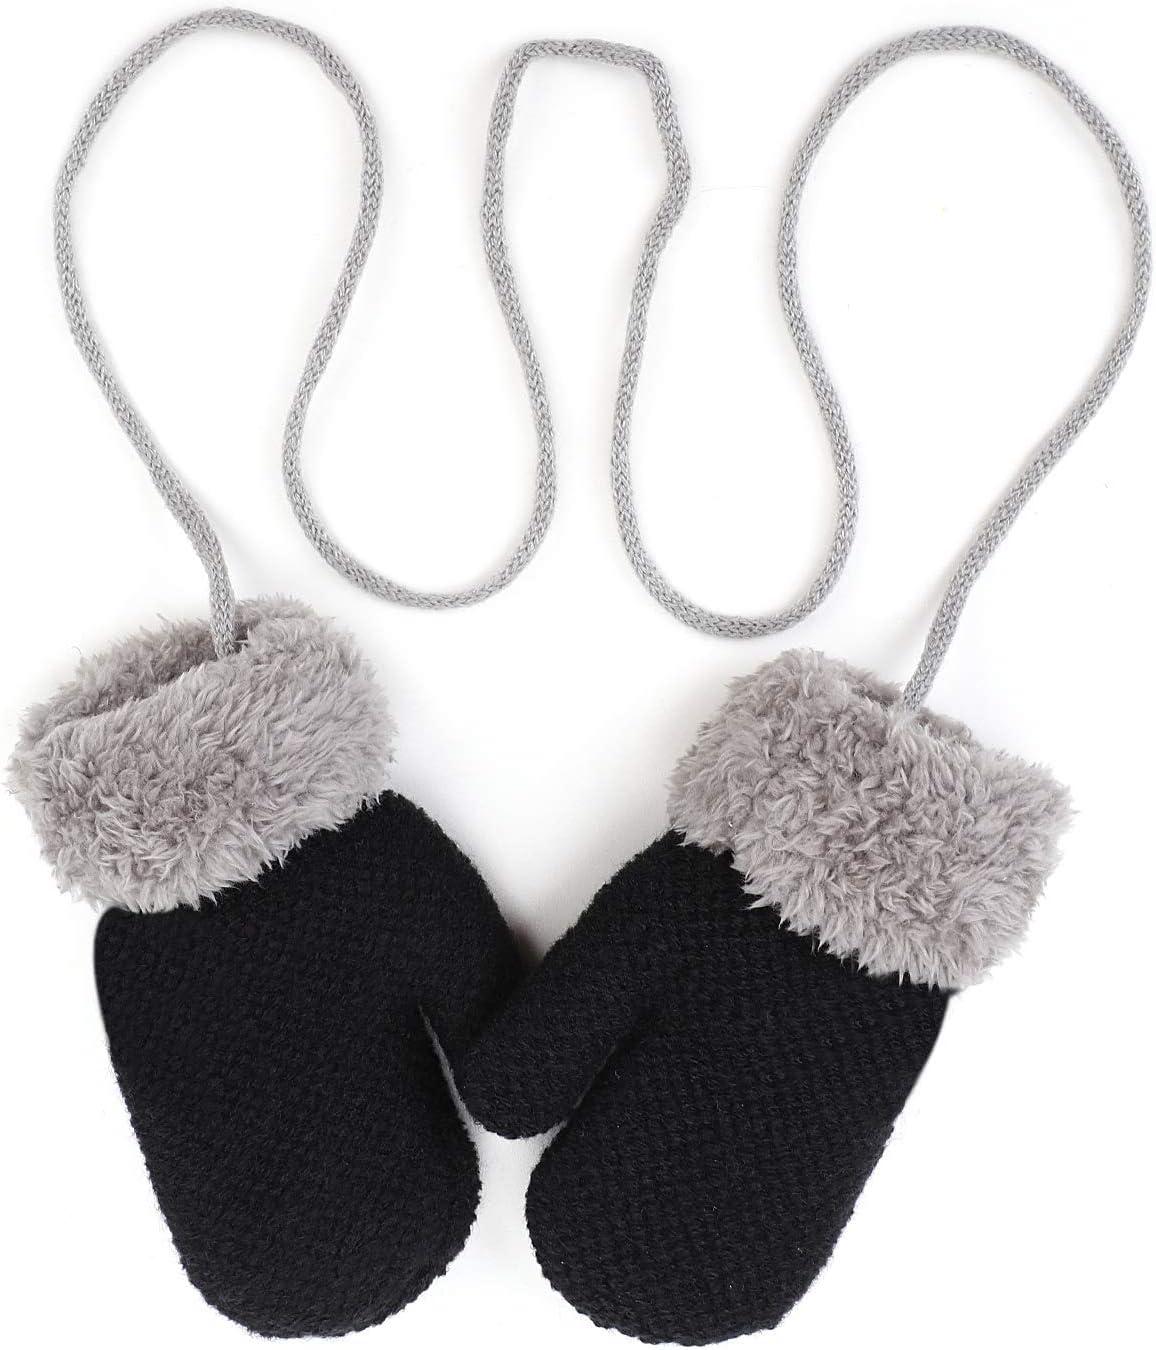 B/éb/é Moufles 1-3Ans Gants Bambin Hiver Epais Gants Tricot/é Chaud Polaire Doublure Gants Gar/çons Filles Gants de Ski Doux Confortable Mitaines /à Accrocher au Cou Gloves de No/ël Voyage